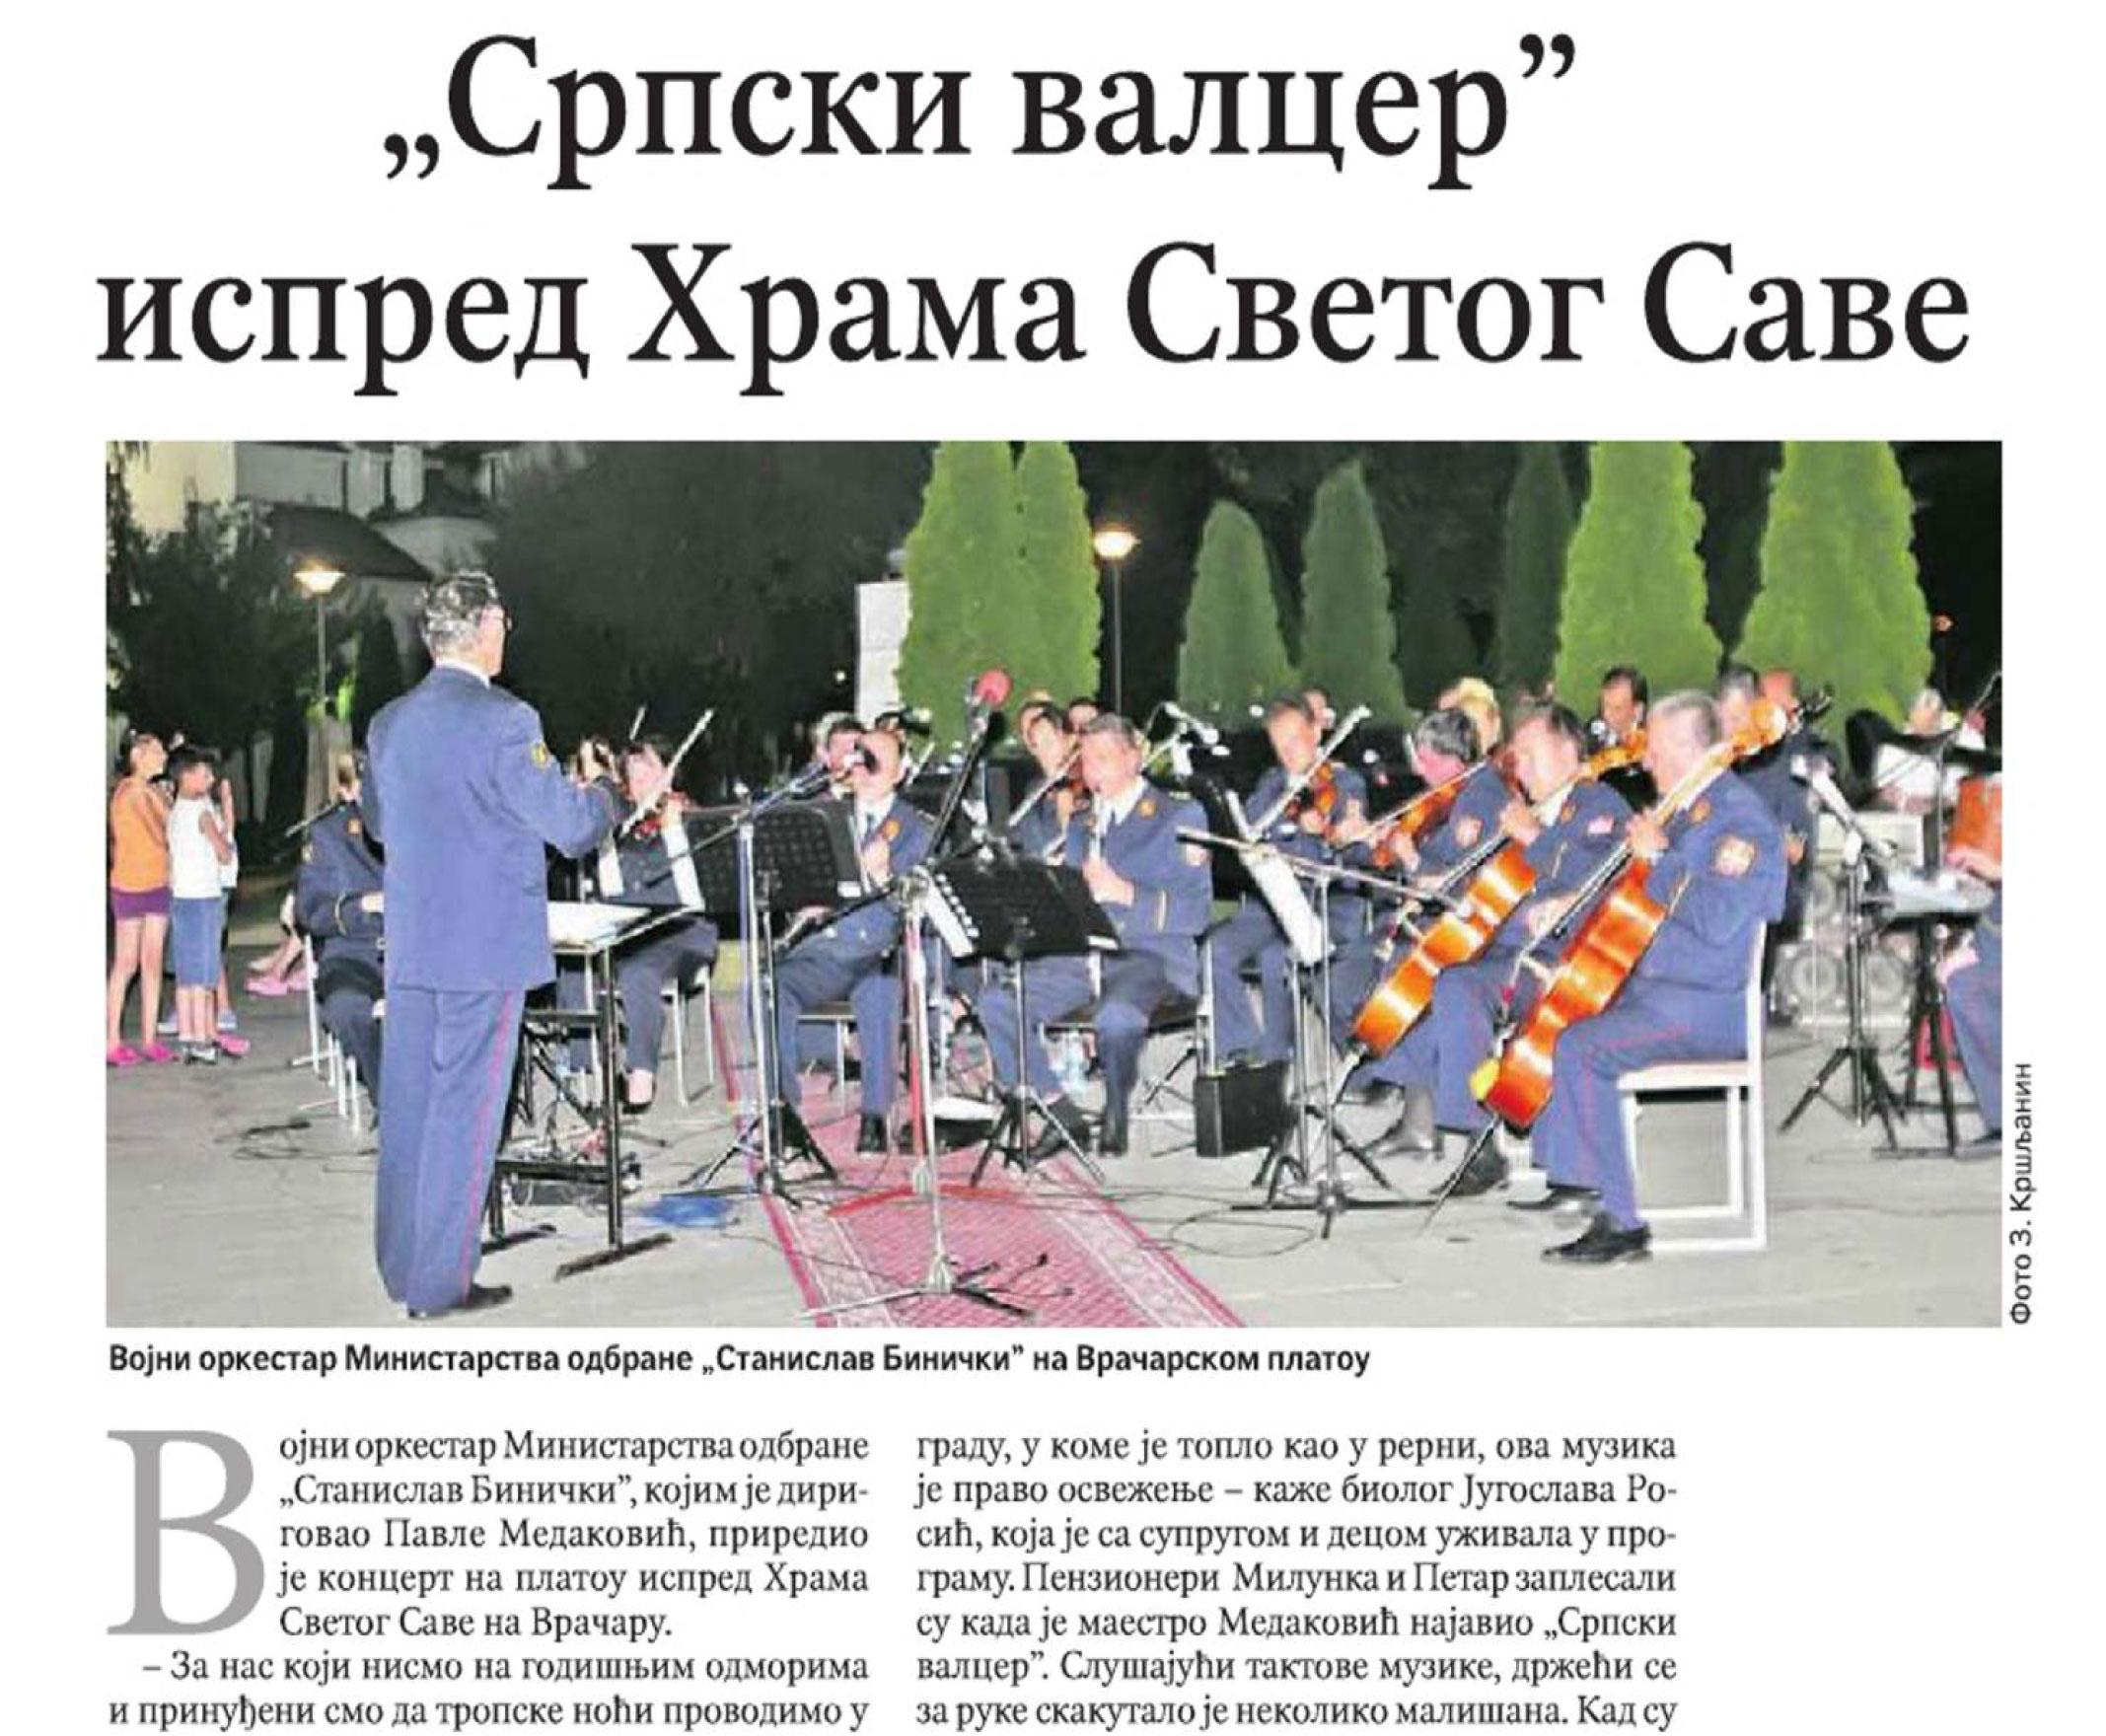 Српски валцер испред Храма Светог Саве